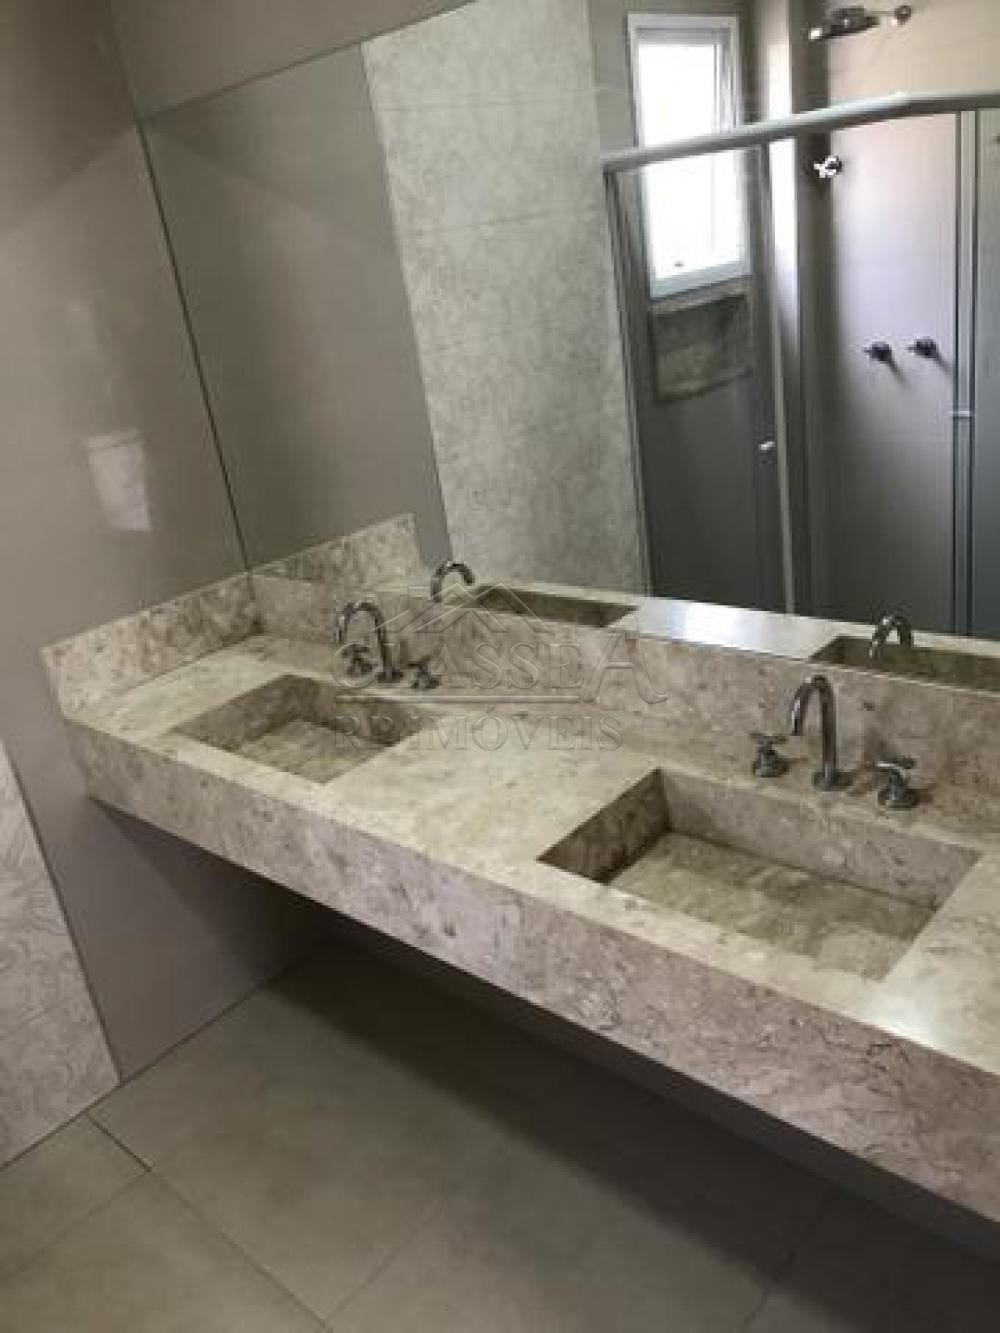 Comprar Casa / Condomínio - sobrado em Ribeirão Preto apenas R$ 1.050.000,00 - Foto 11